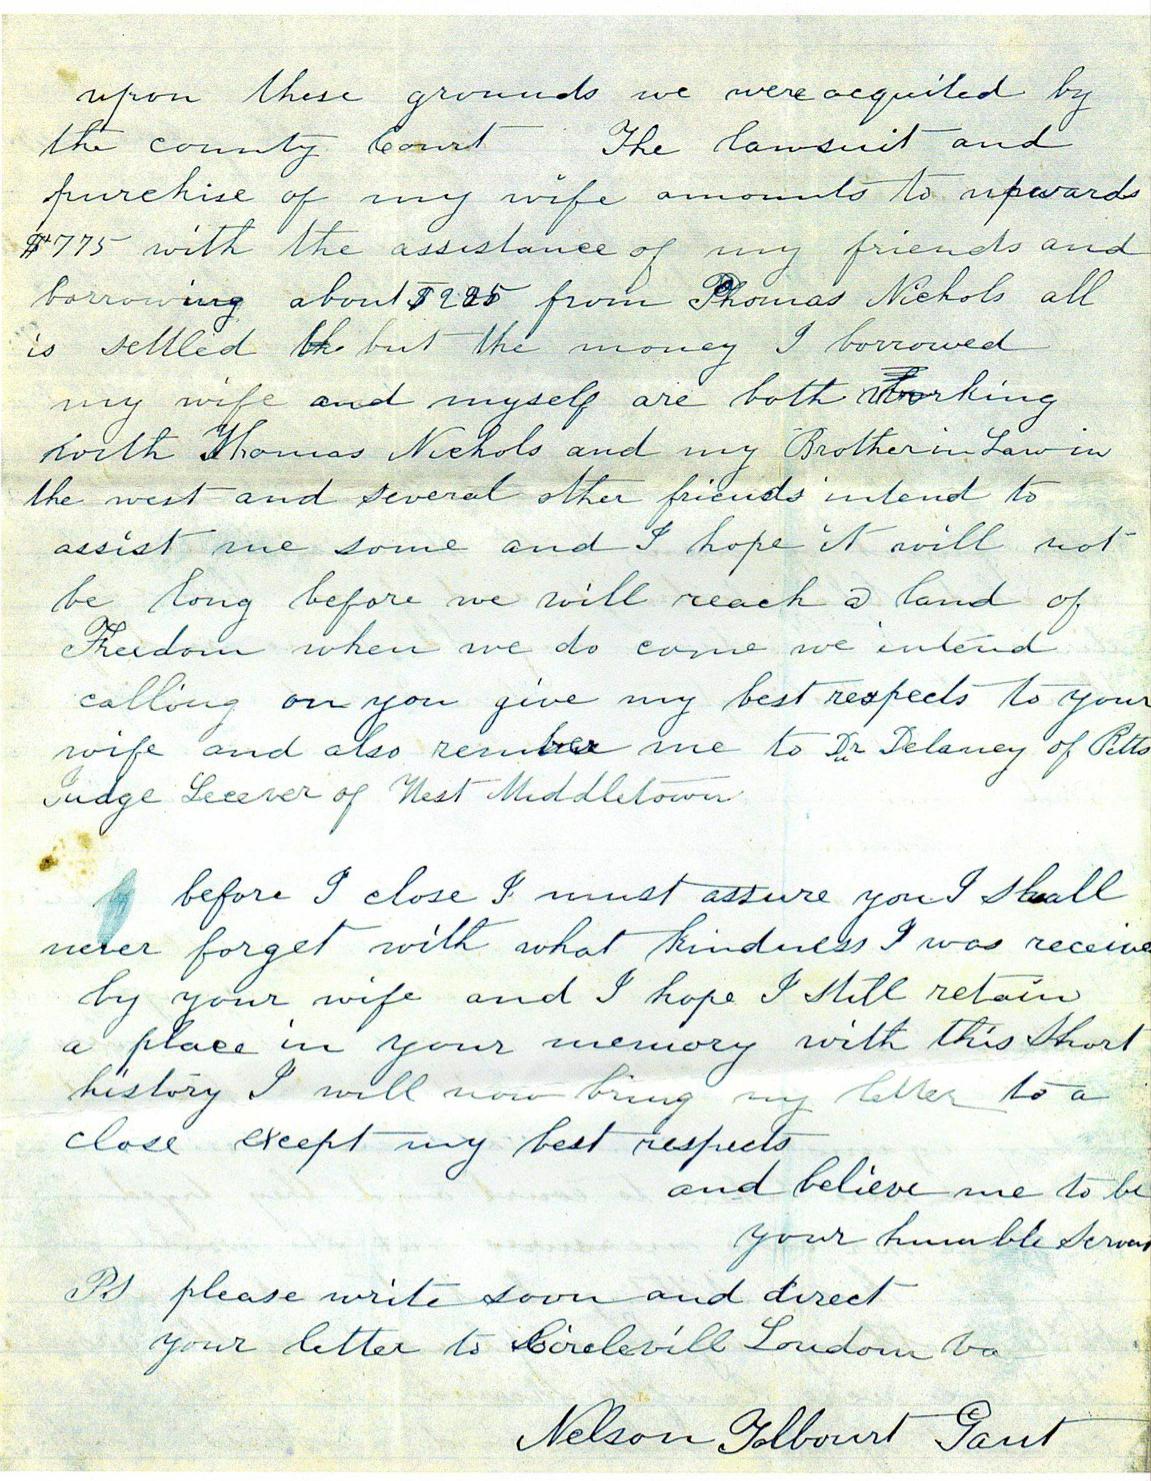 gant-letter-pg-2.jpg